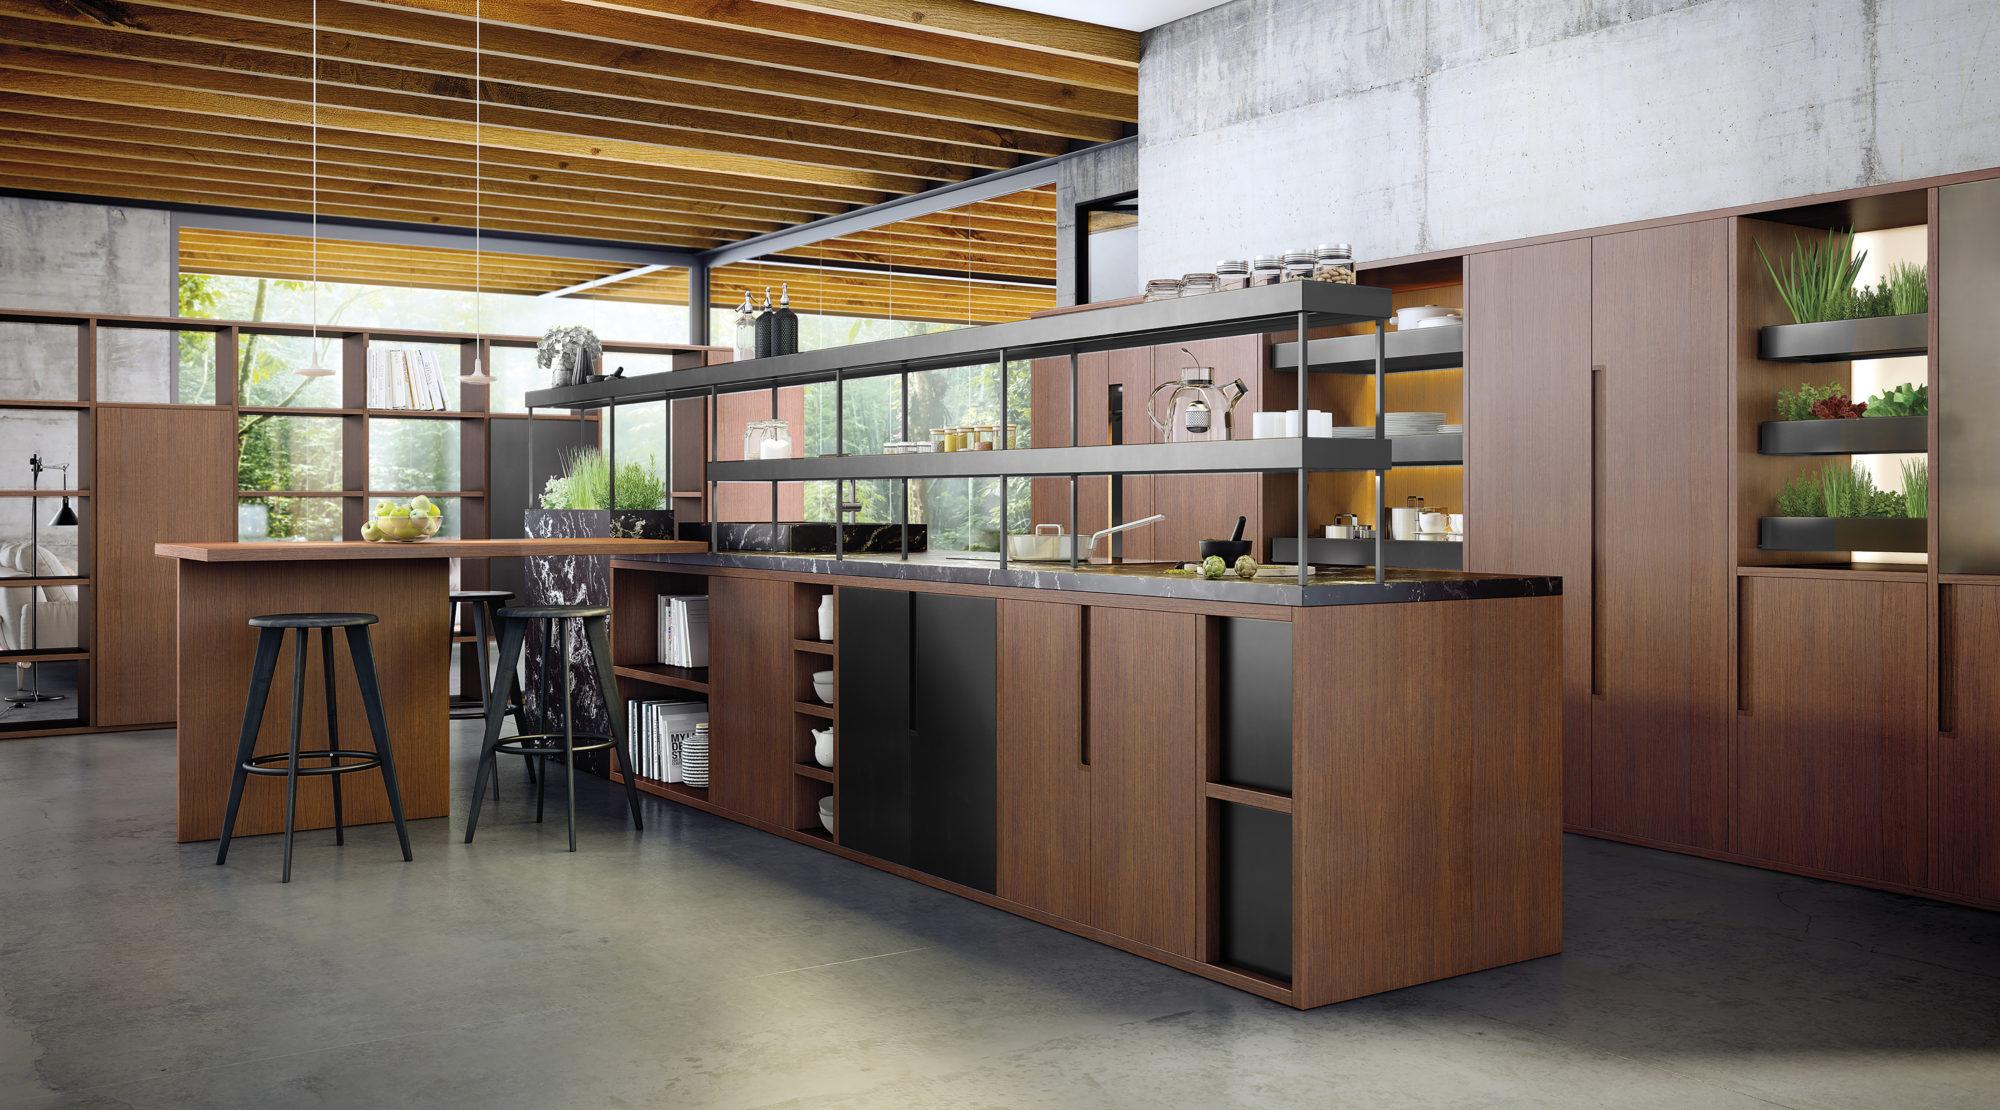 cocina profesional casa madera diseño cole02